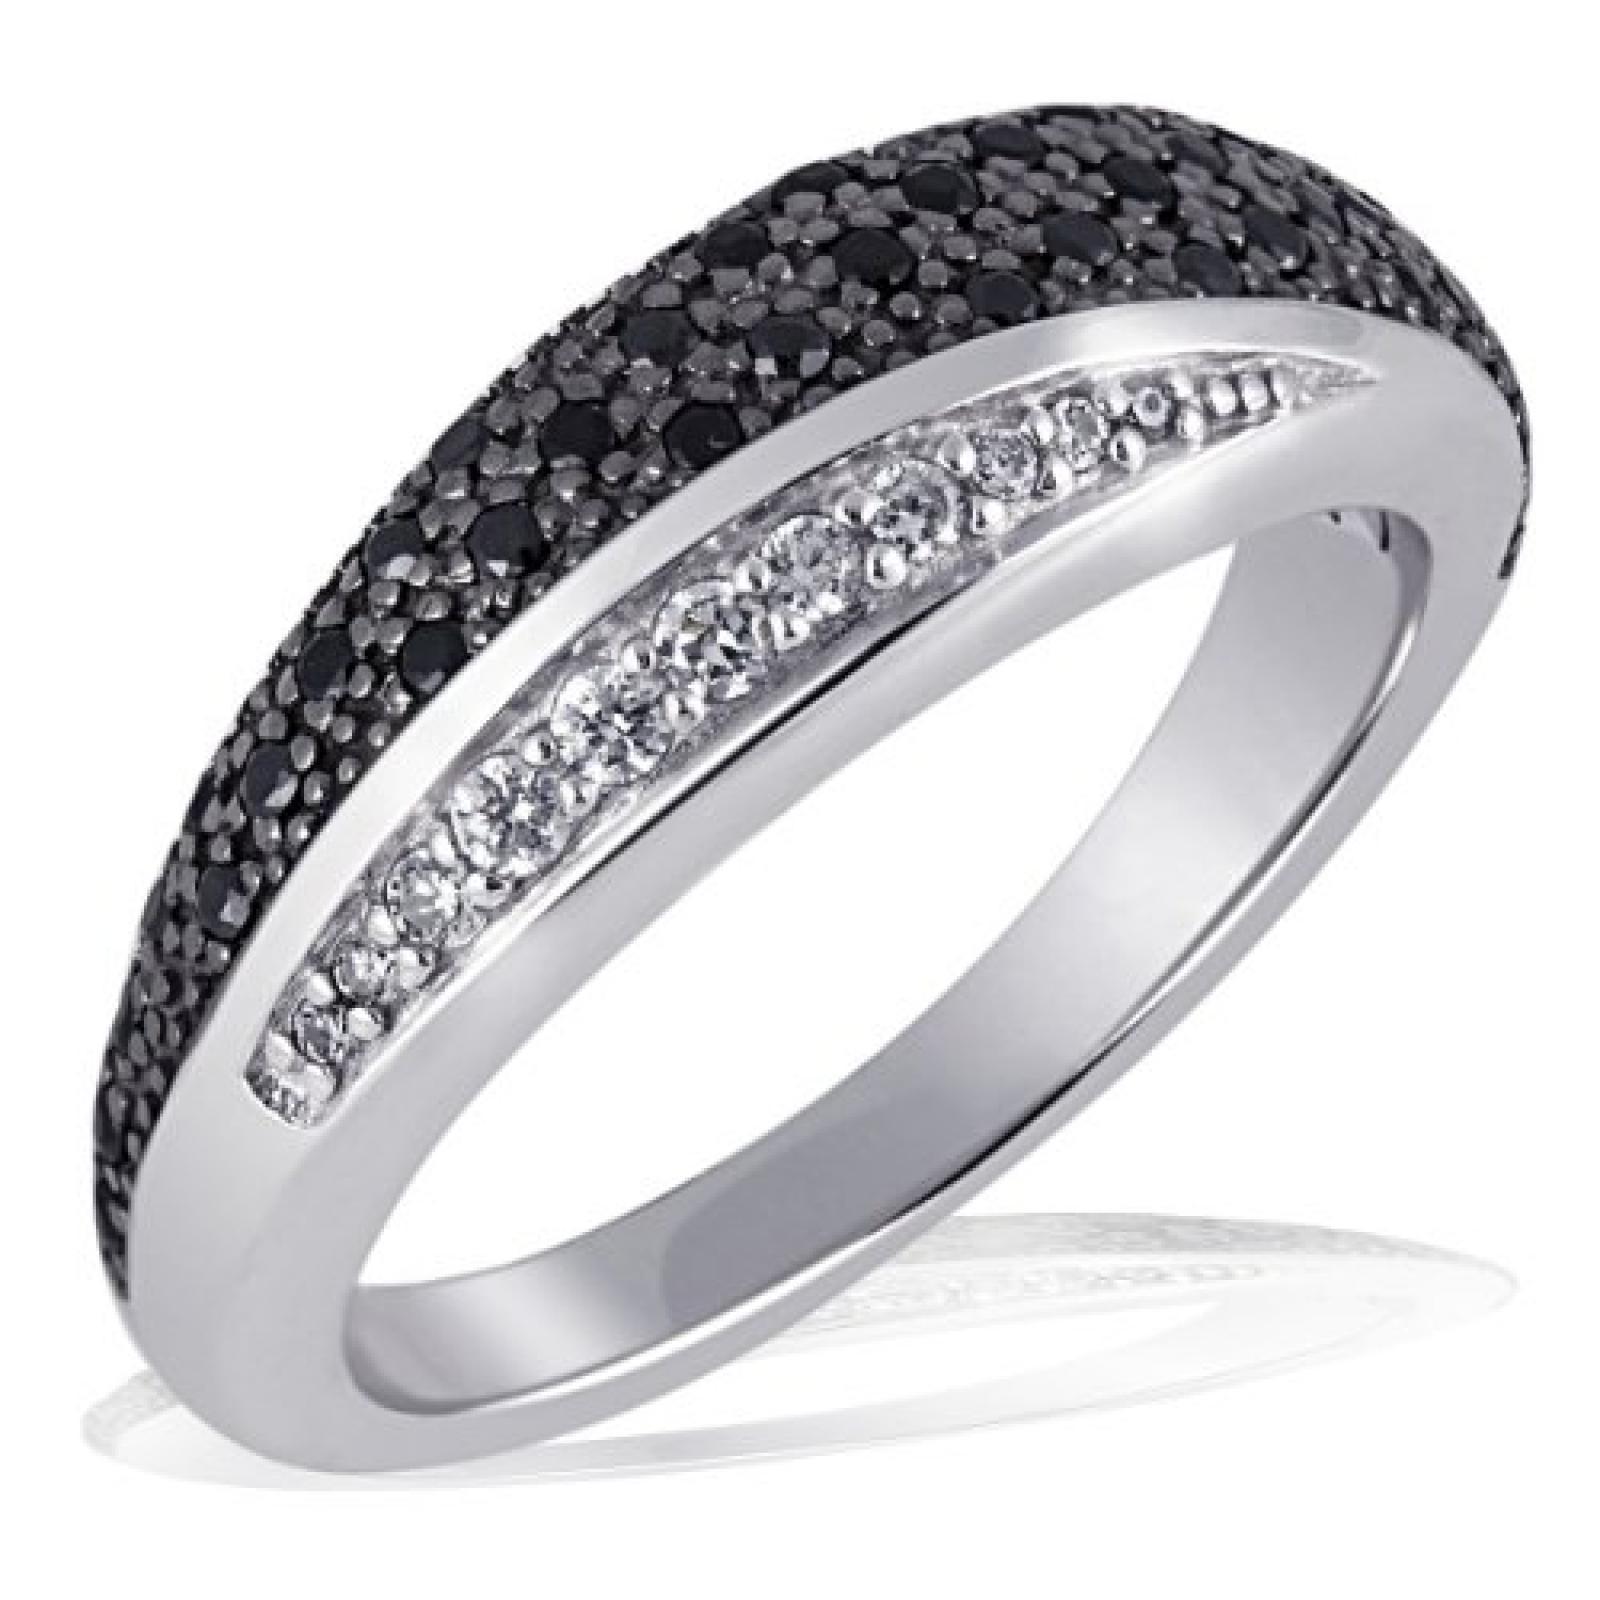 Goldmaid Damen-Ring 925 Sterlingsilber 8 weisse 42 schwarze Zirkonia Pavee Pa R4173S